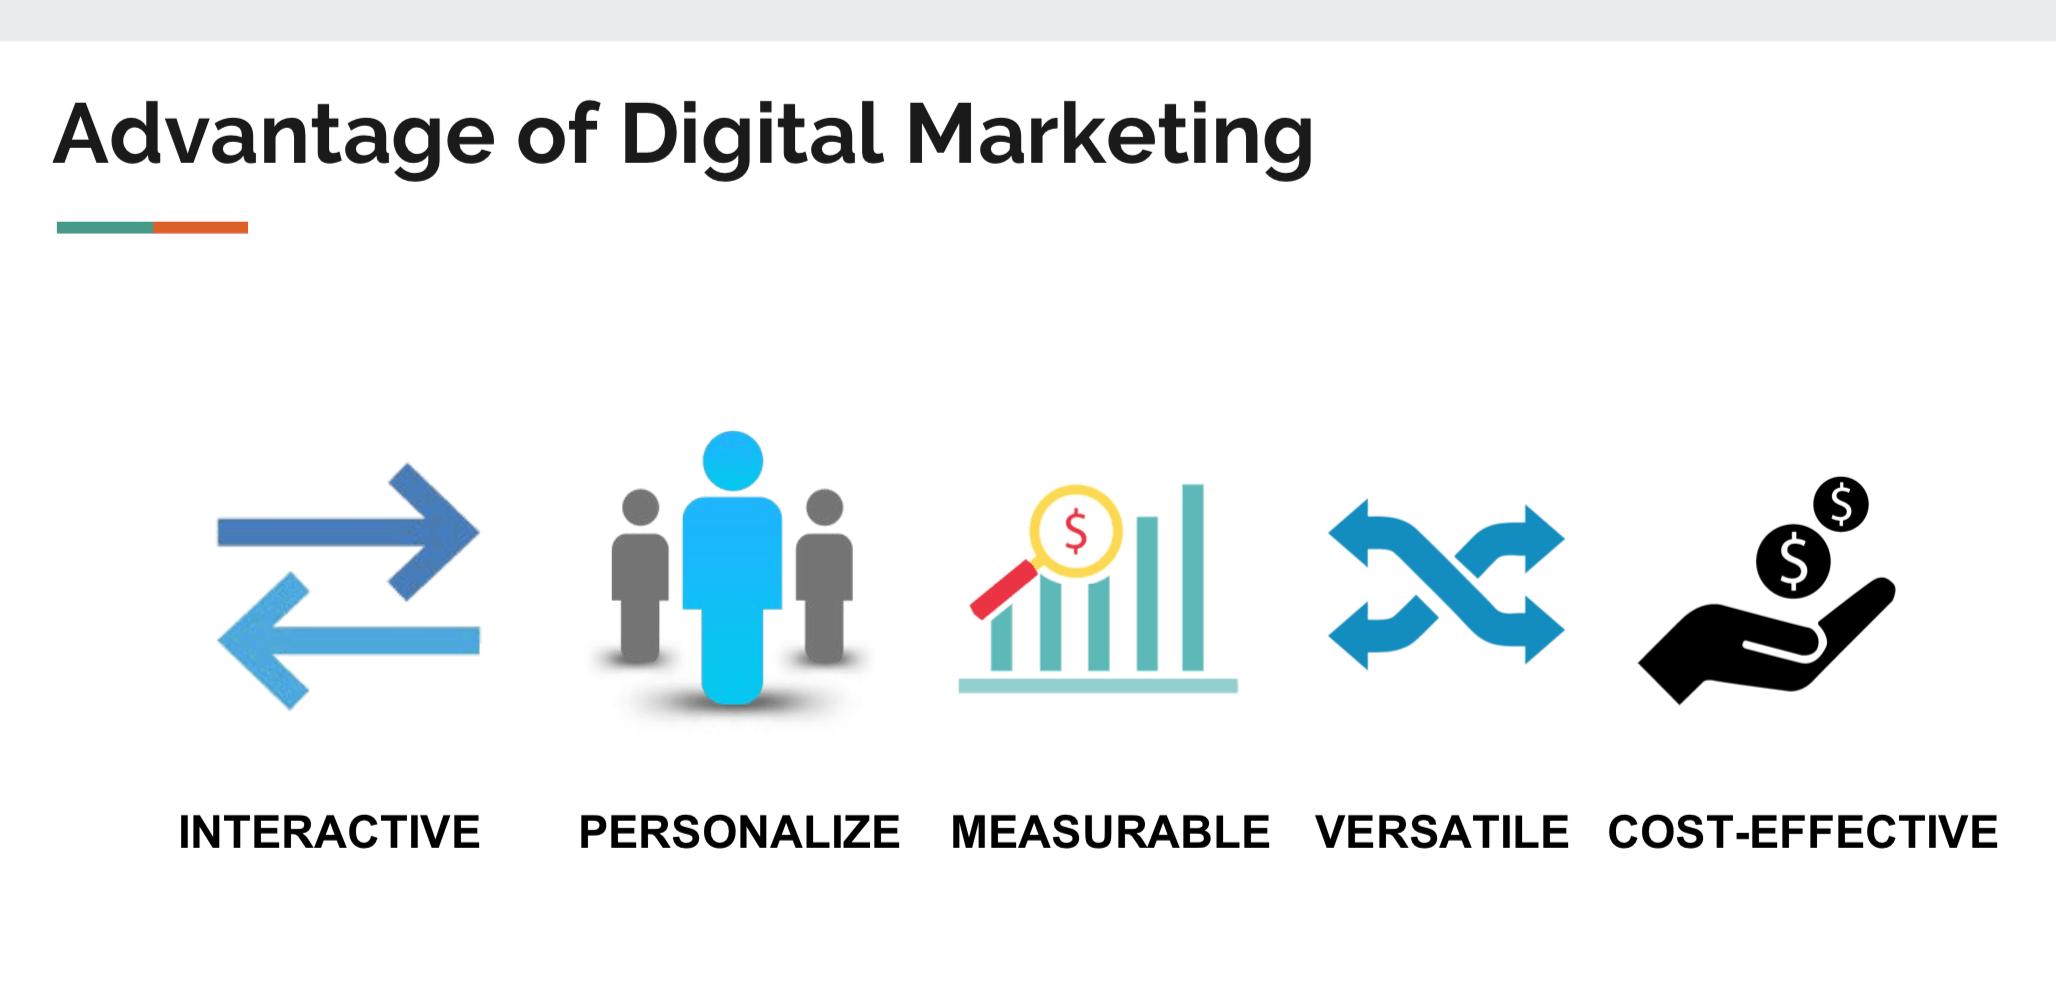 5 Lợi ích của Digital Marketing chủ đạo so với marketing truyền thống